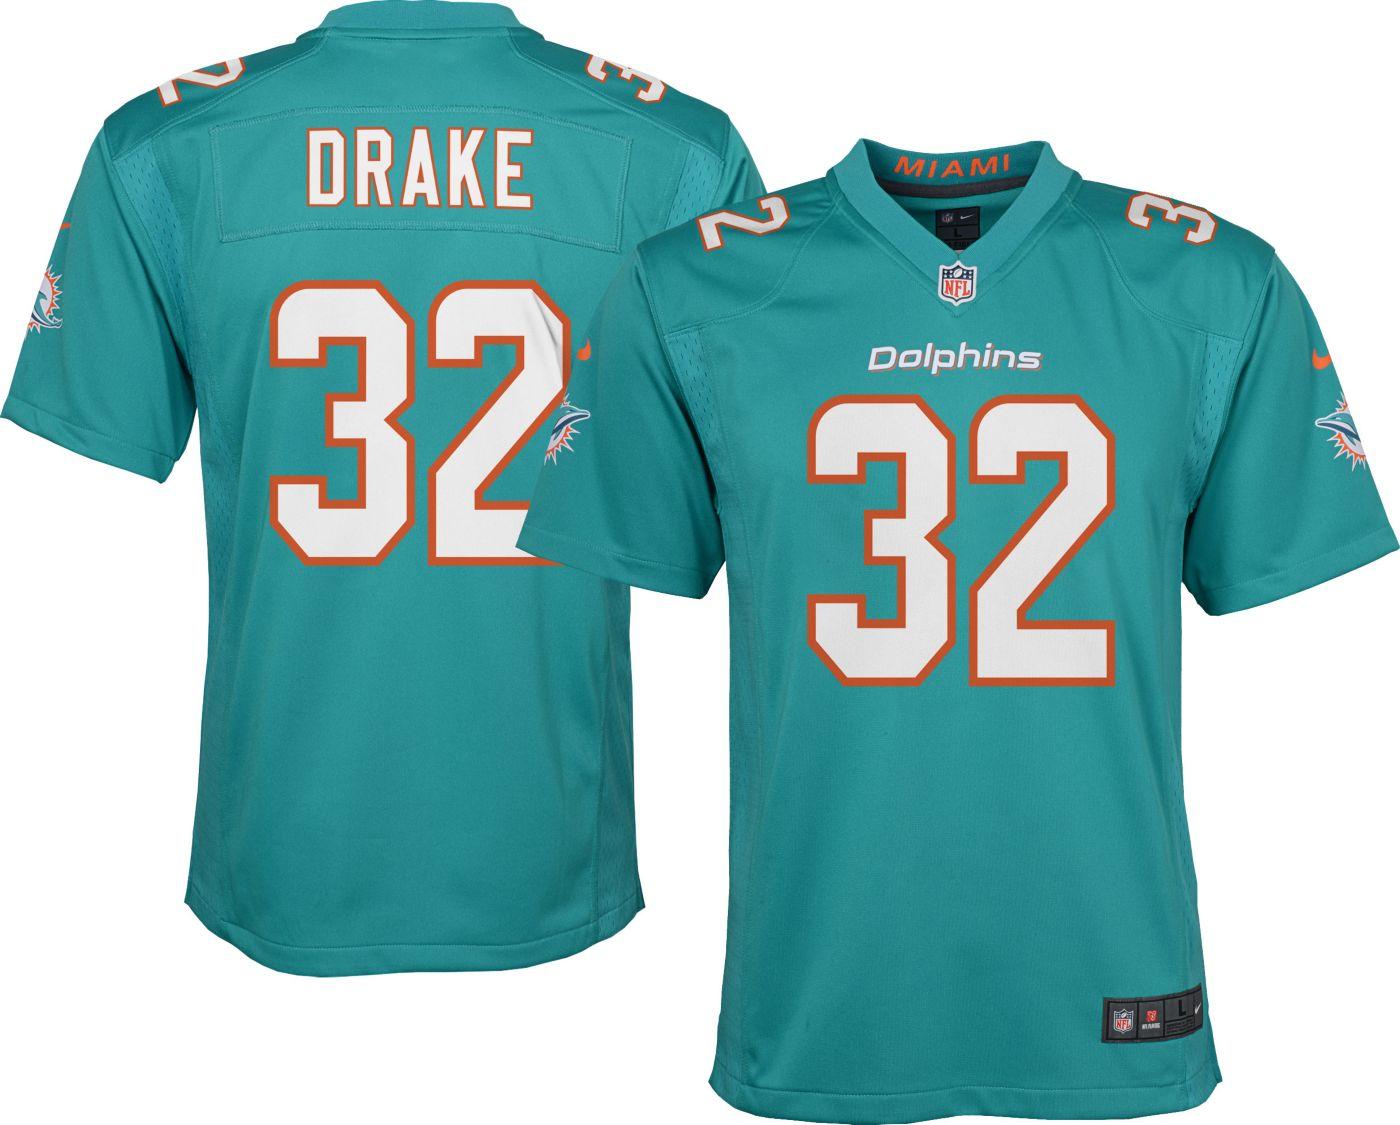 Nike Youth Home Game Jersey Miami Dolphins Kenyan Drake #32